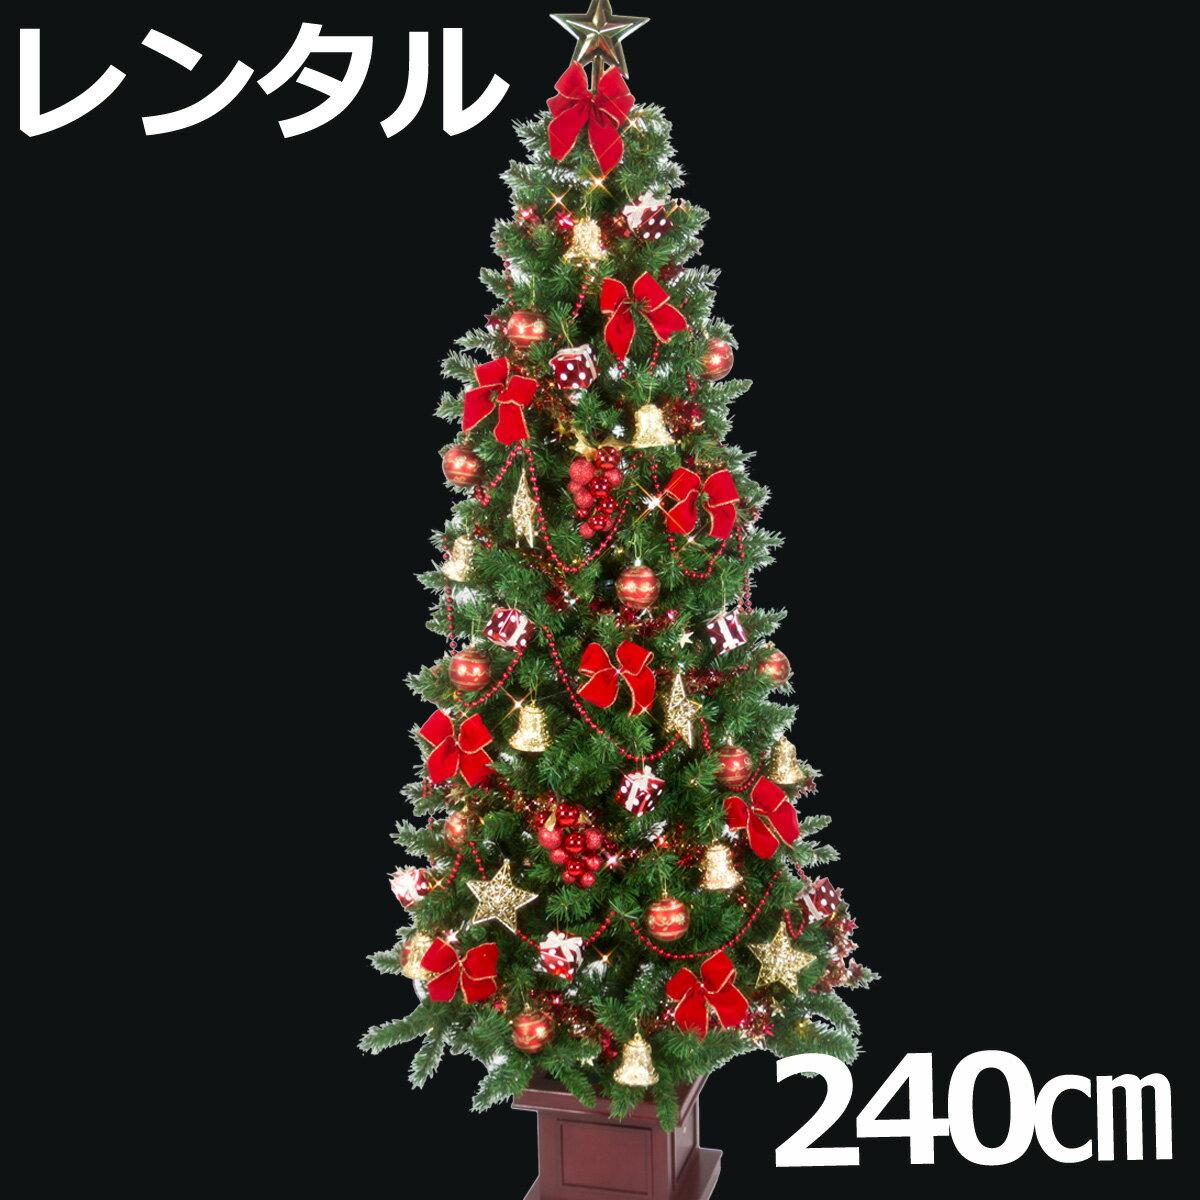 【レンタル】 クリスマスツリー セット 240cm 木製ポット付 レッド&ゴールド スリムタイプ【往復 送料無料】 クリスマスツリー レンタル fy16REN07